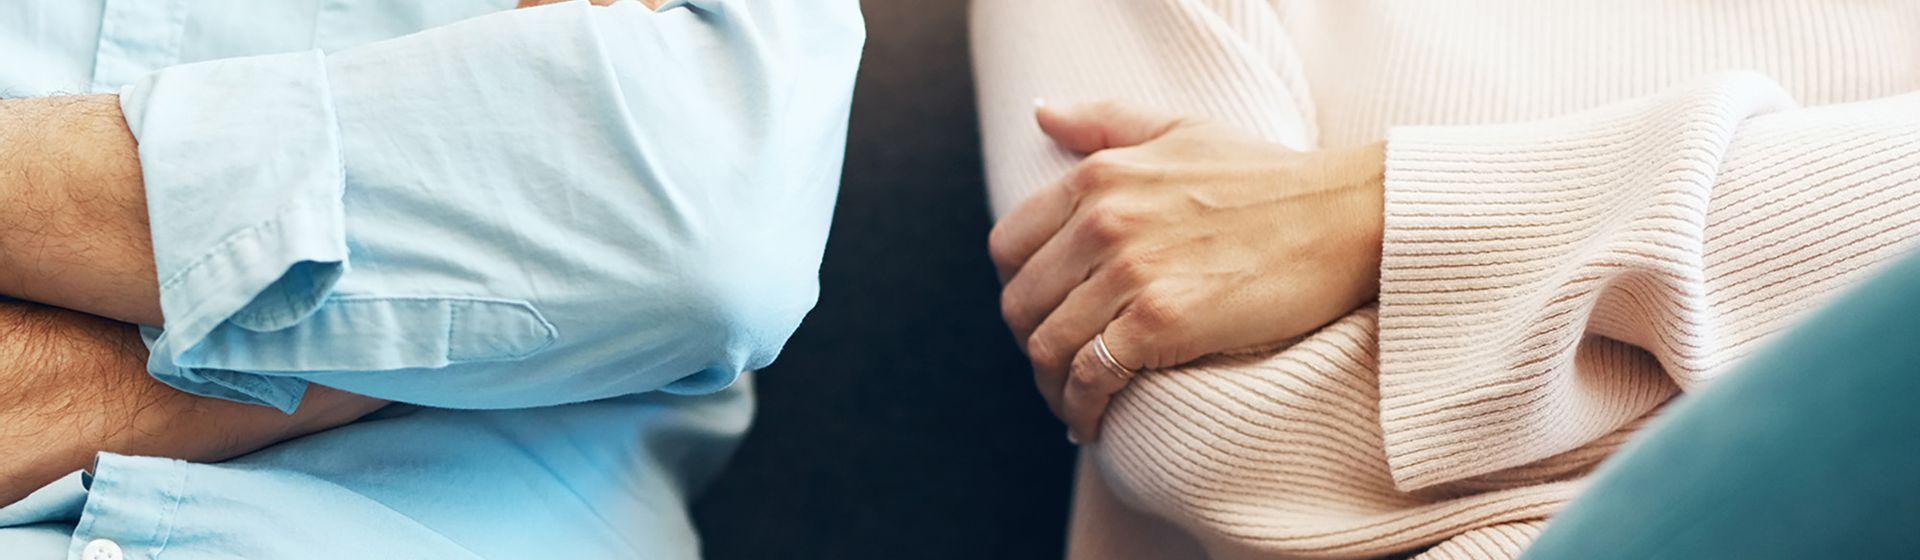 Je gezamenlijke bezittingen verdelen. man en vrouw zitten met hun armen over elkaar heen | Het Notarieel